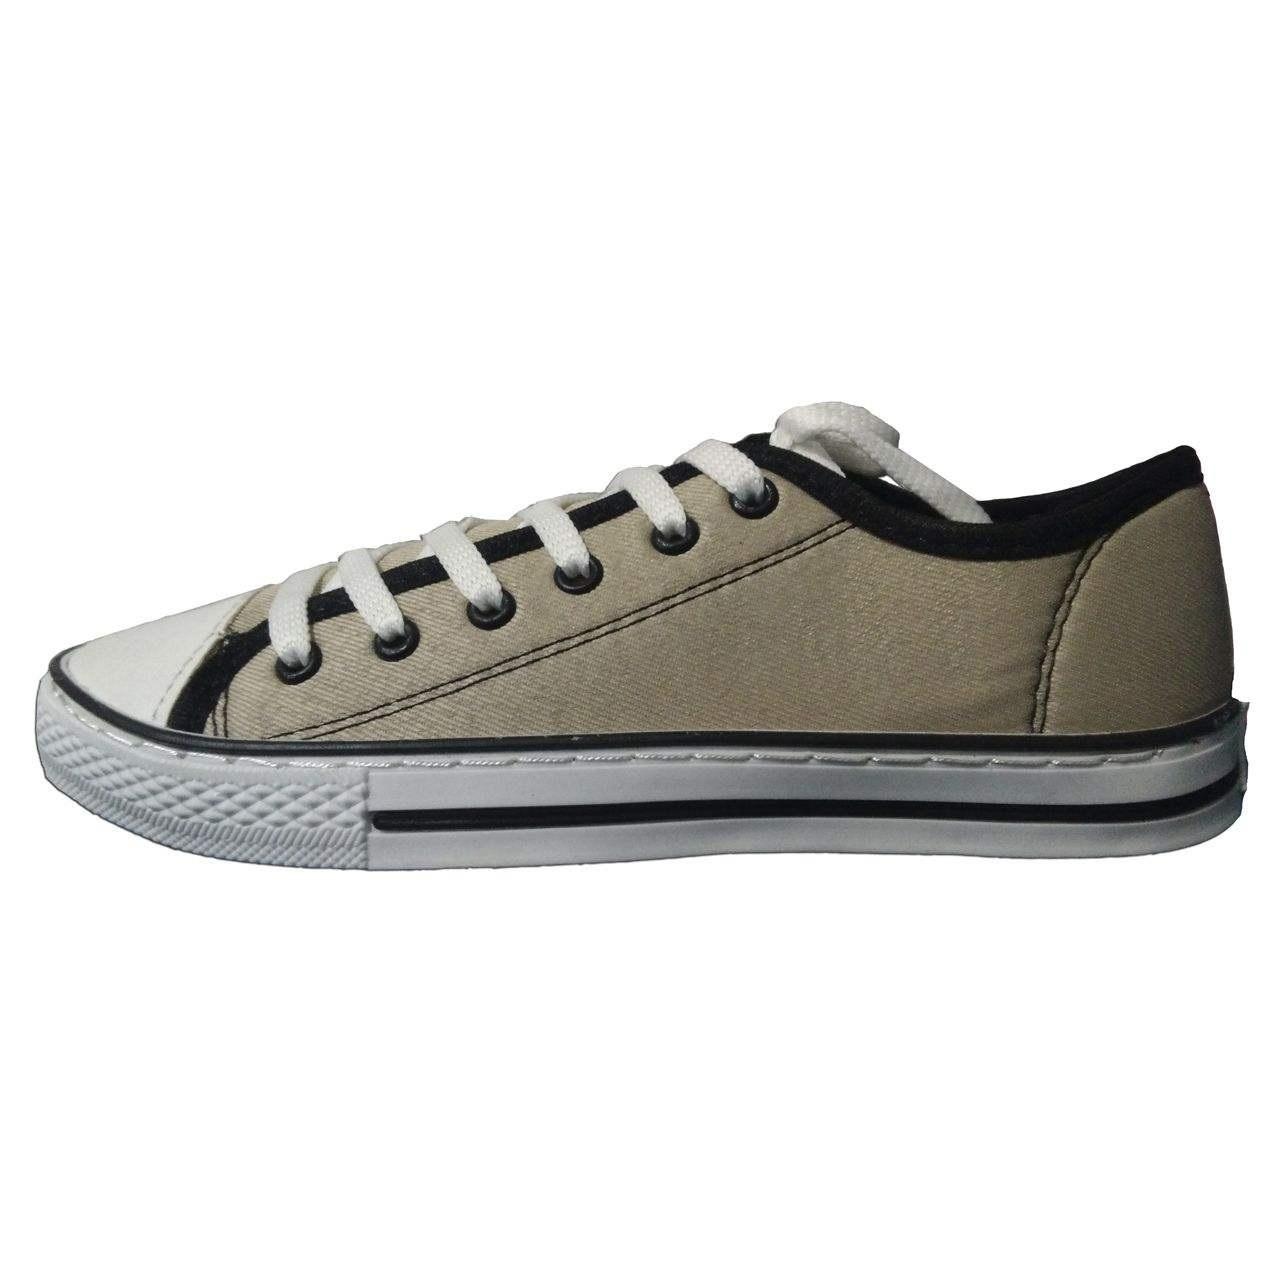 کفش راحتی زنانه کد استار 10